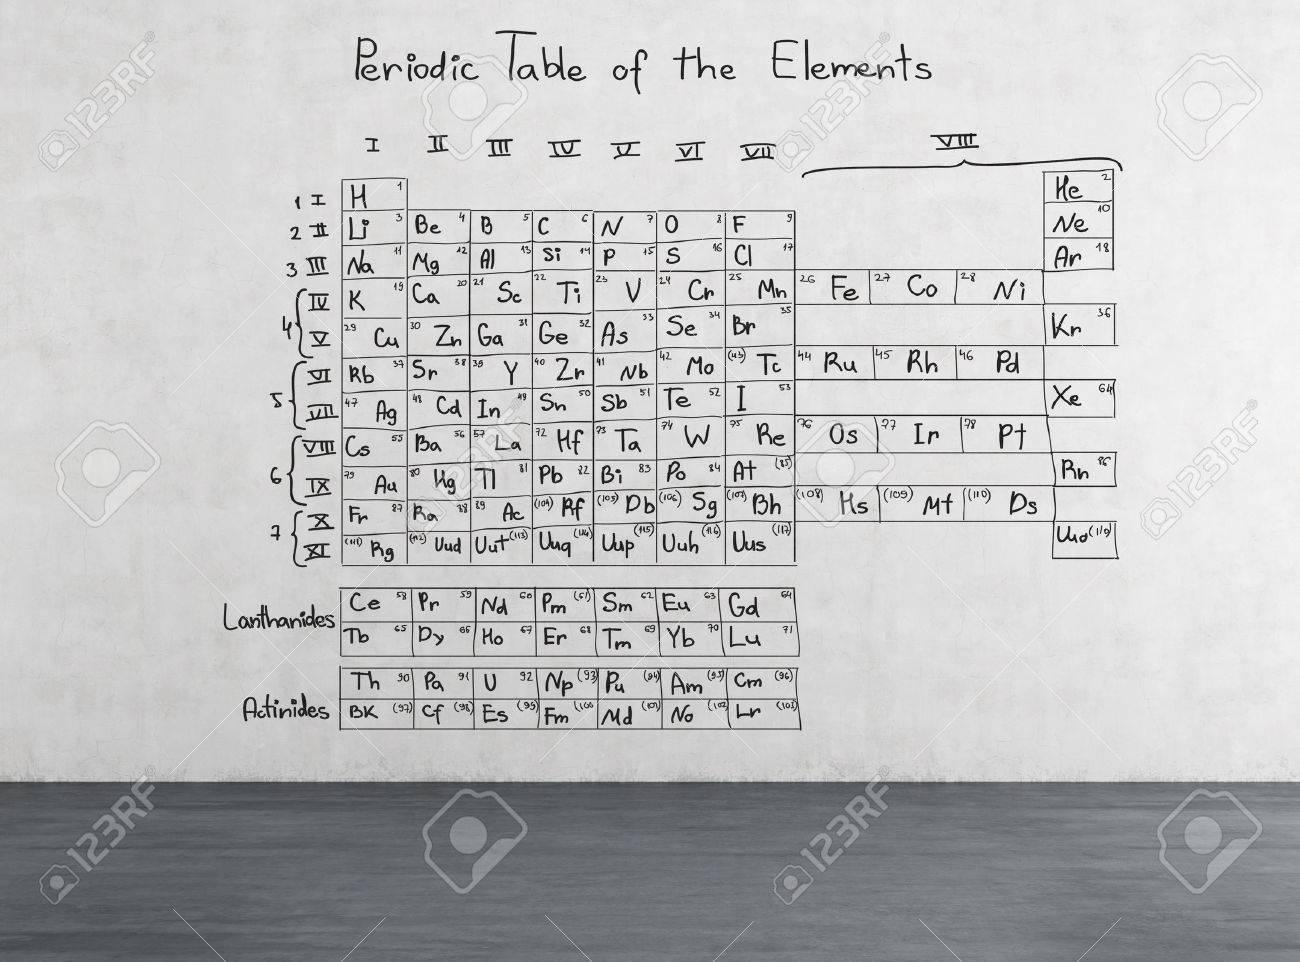 Tabla peridica de los elementos de dibujo en la pared fotos foto de archivo tabla peridica de los elementos de dibujo en la pared urtaz Choice Image